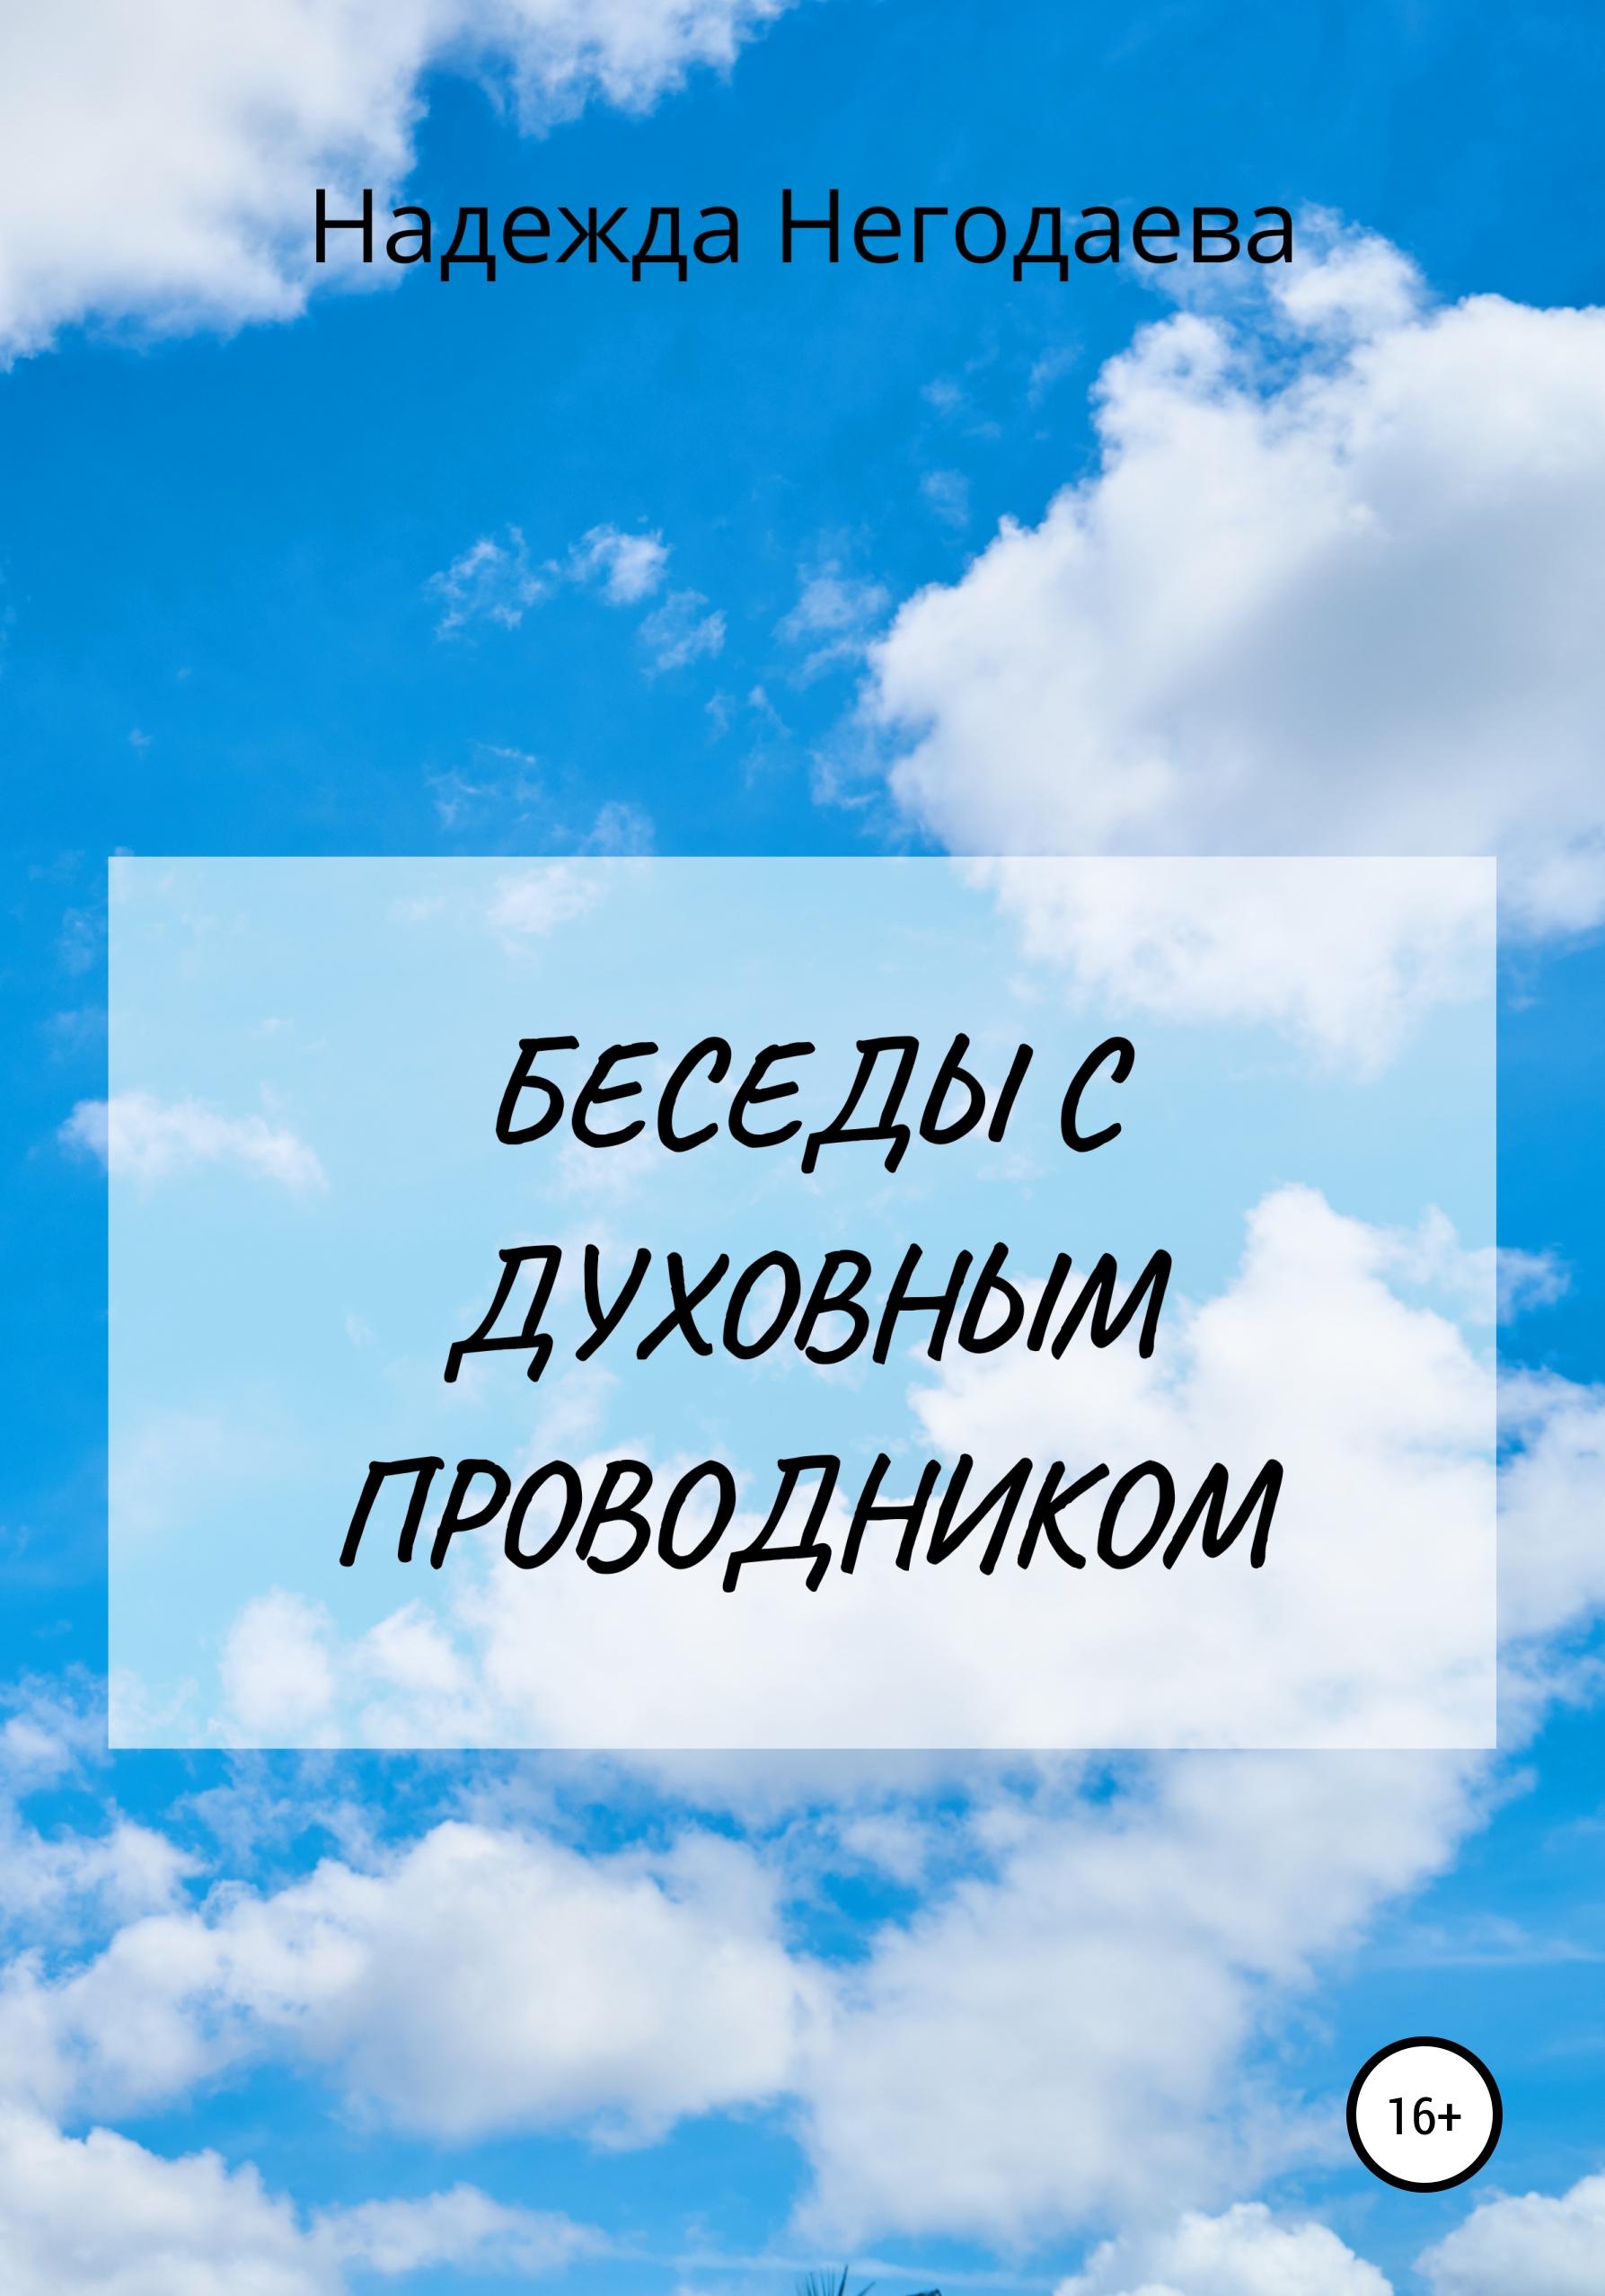 Купить книгу Беседы с духовным Проводником, автора Надежды Александровны Негодаевой